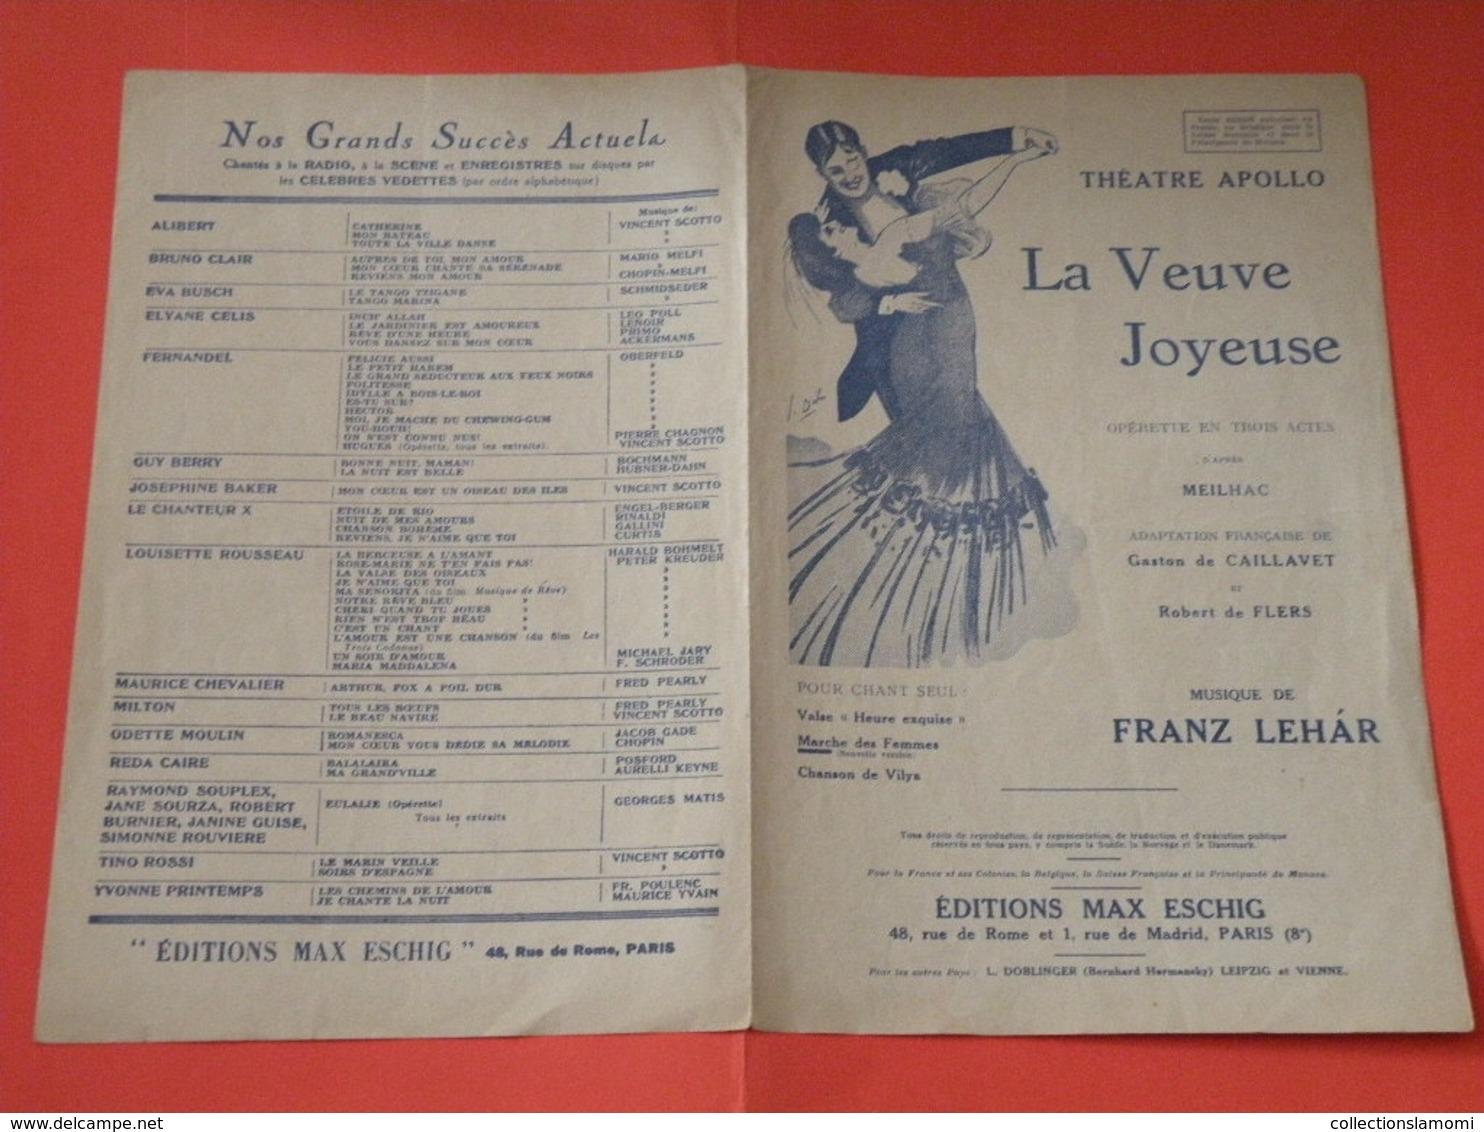 La Veuve Joyeuse( Opérette)-(Théâtre Apollo) (Musique Franz Le Har) Partition 1909 - Opéra